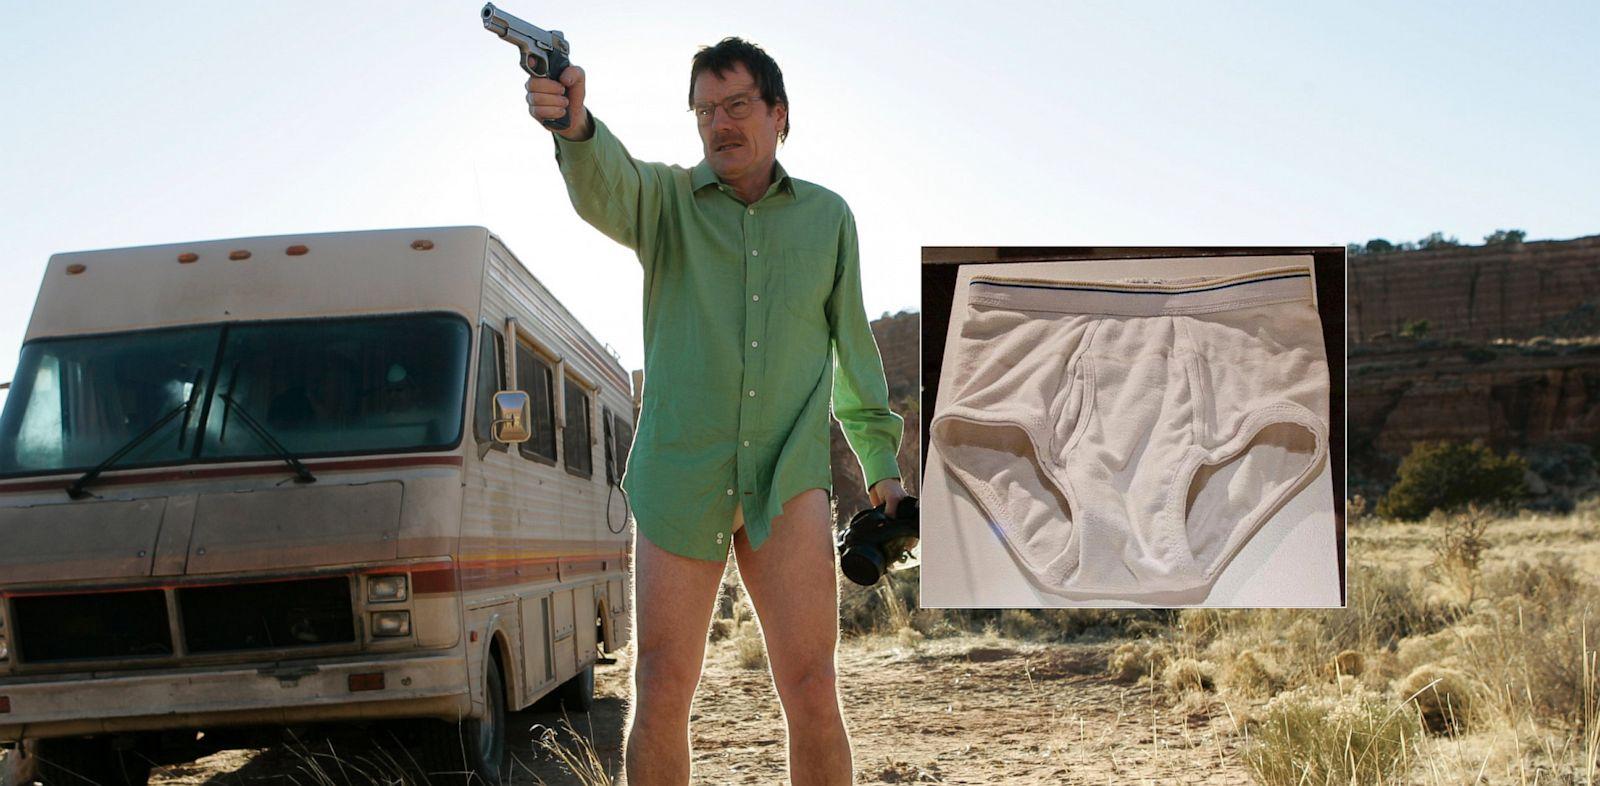 PHOTO: wlater white, breaking bad, underwear